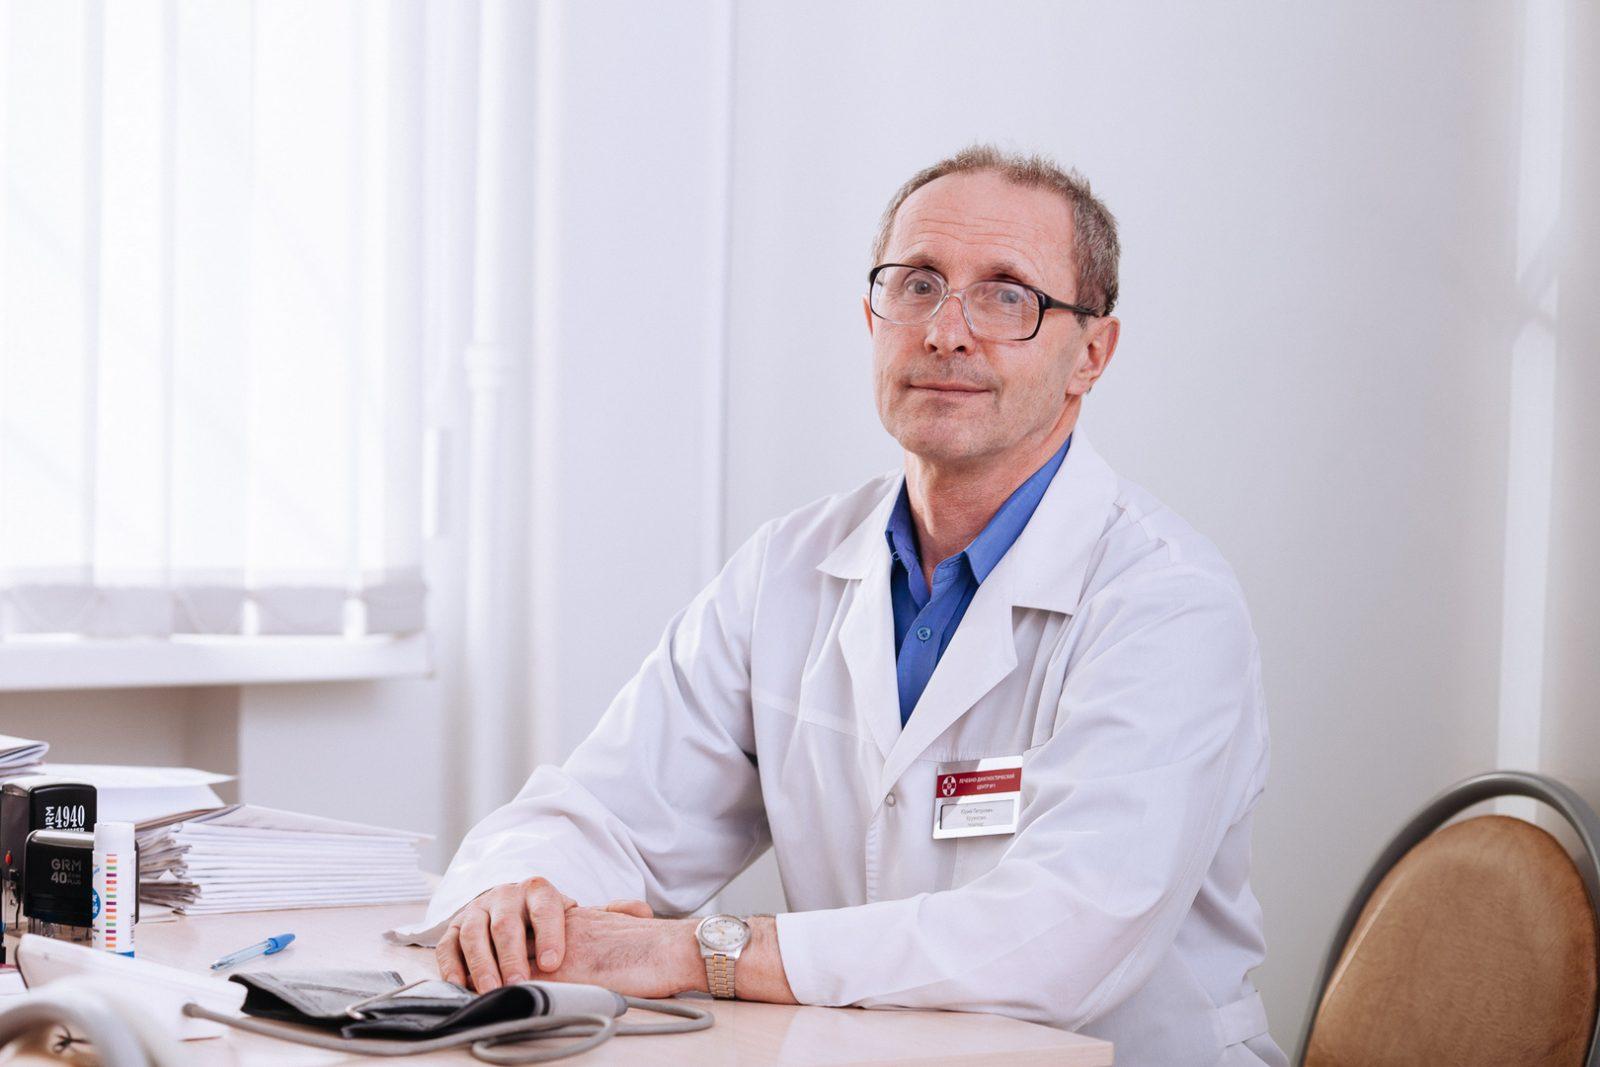 Лебедь Дмитрий Николаевич - врач терапевт